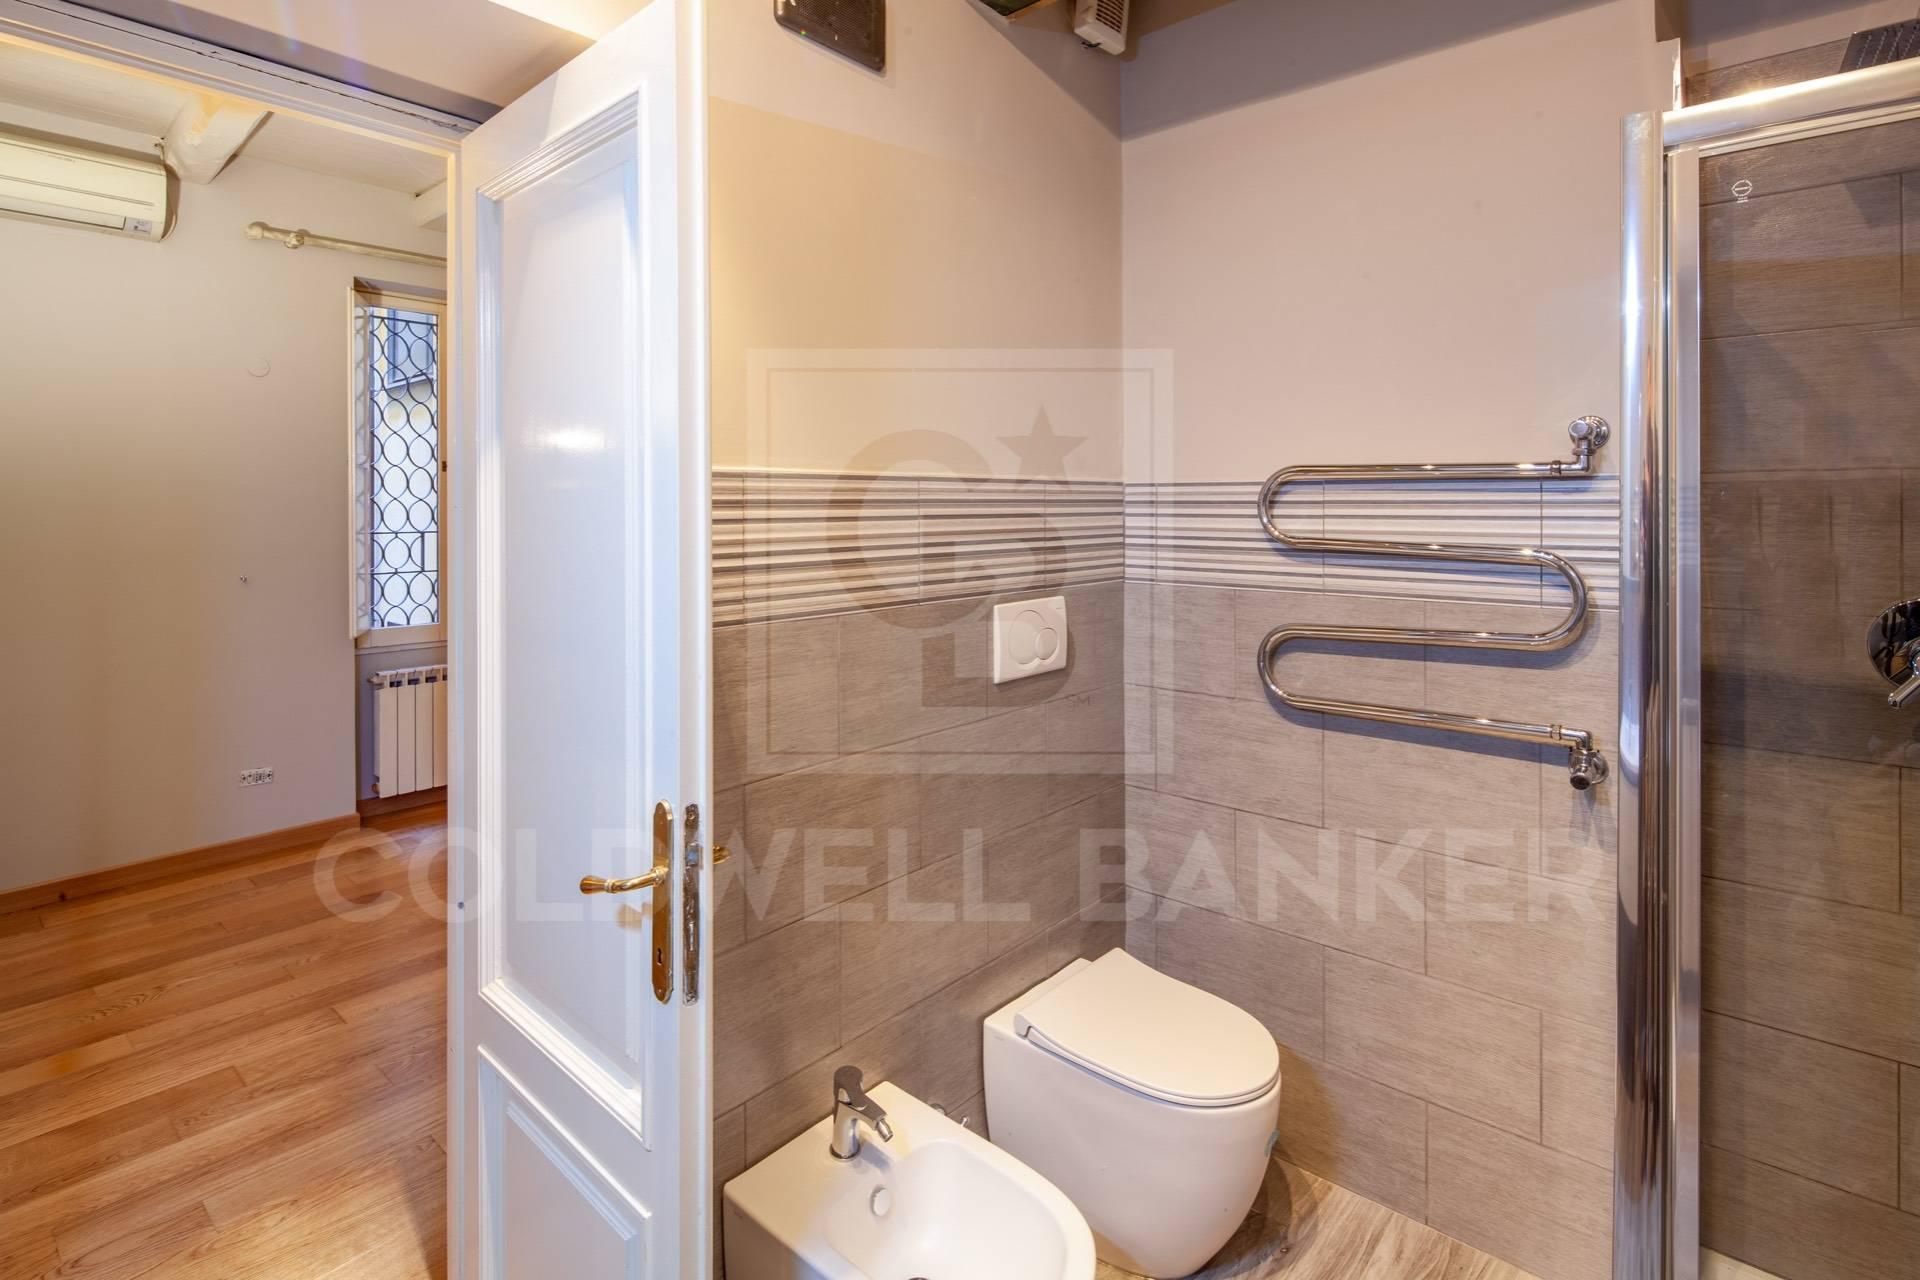 Appartamento in Vendita a Roma: 3 locali, 80 mq - Foto 10